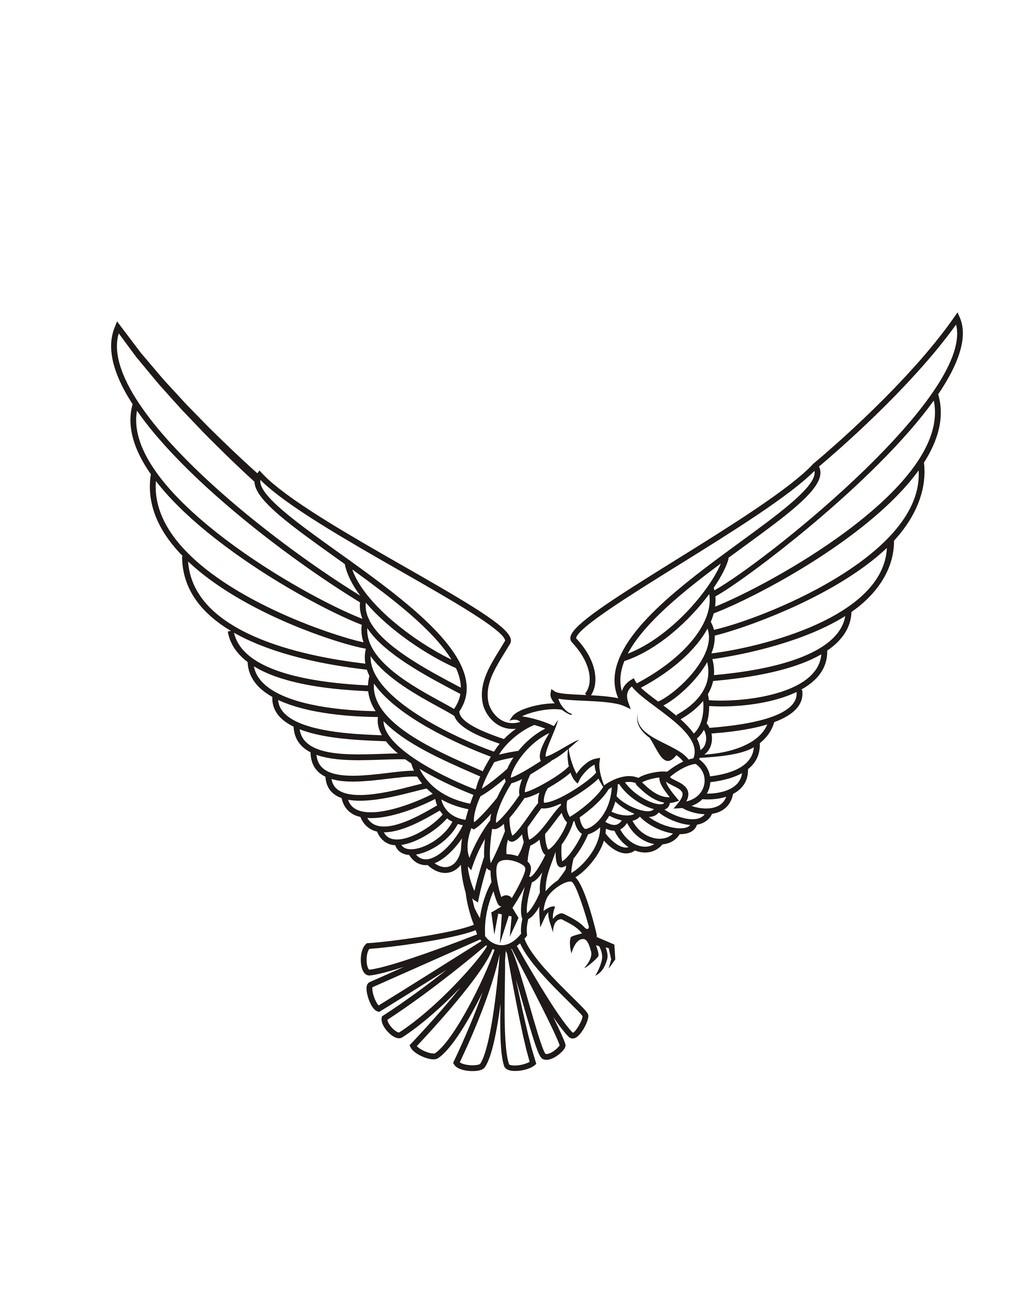 飞禽手绘简笔插画图片设计素材_高清其他模板下载(0.